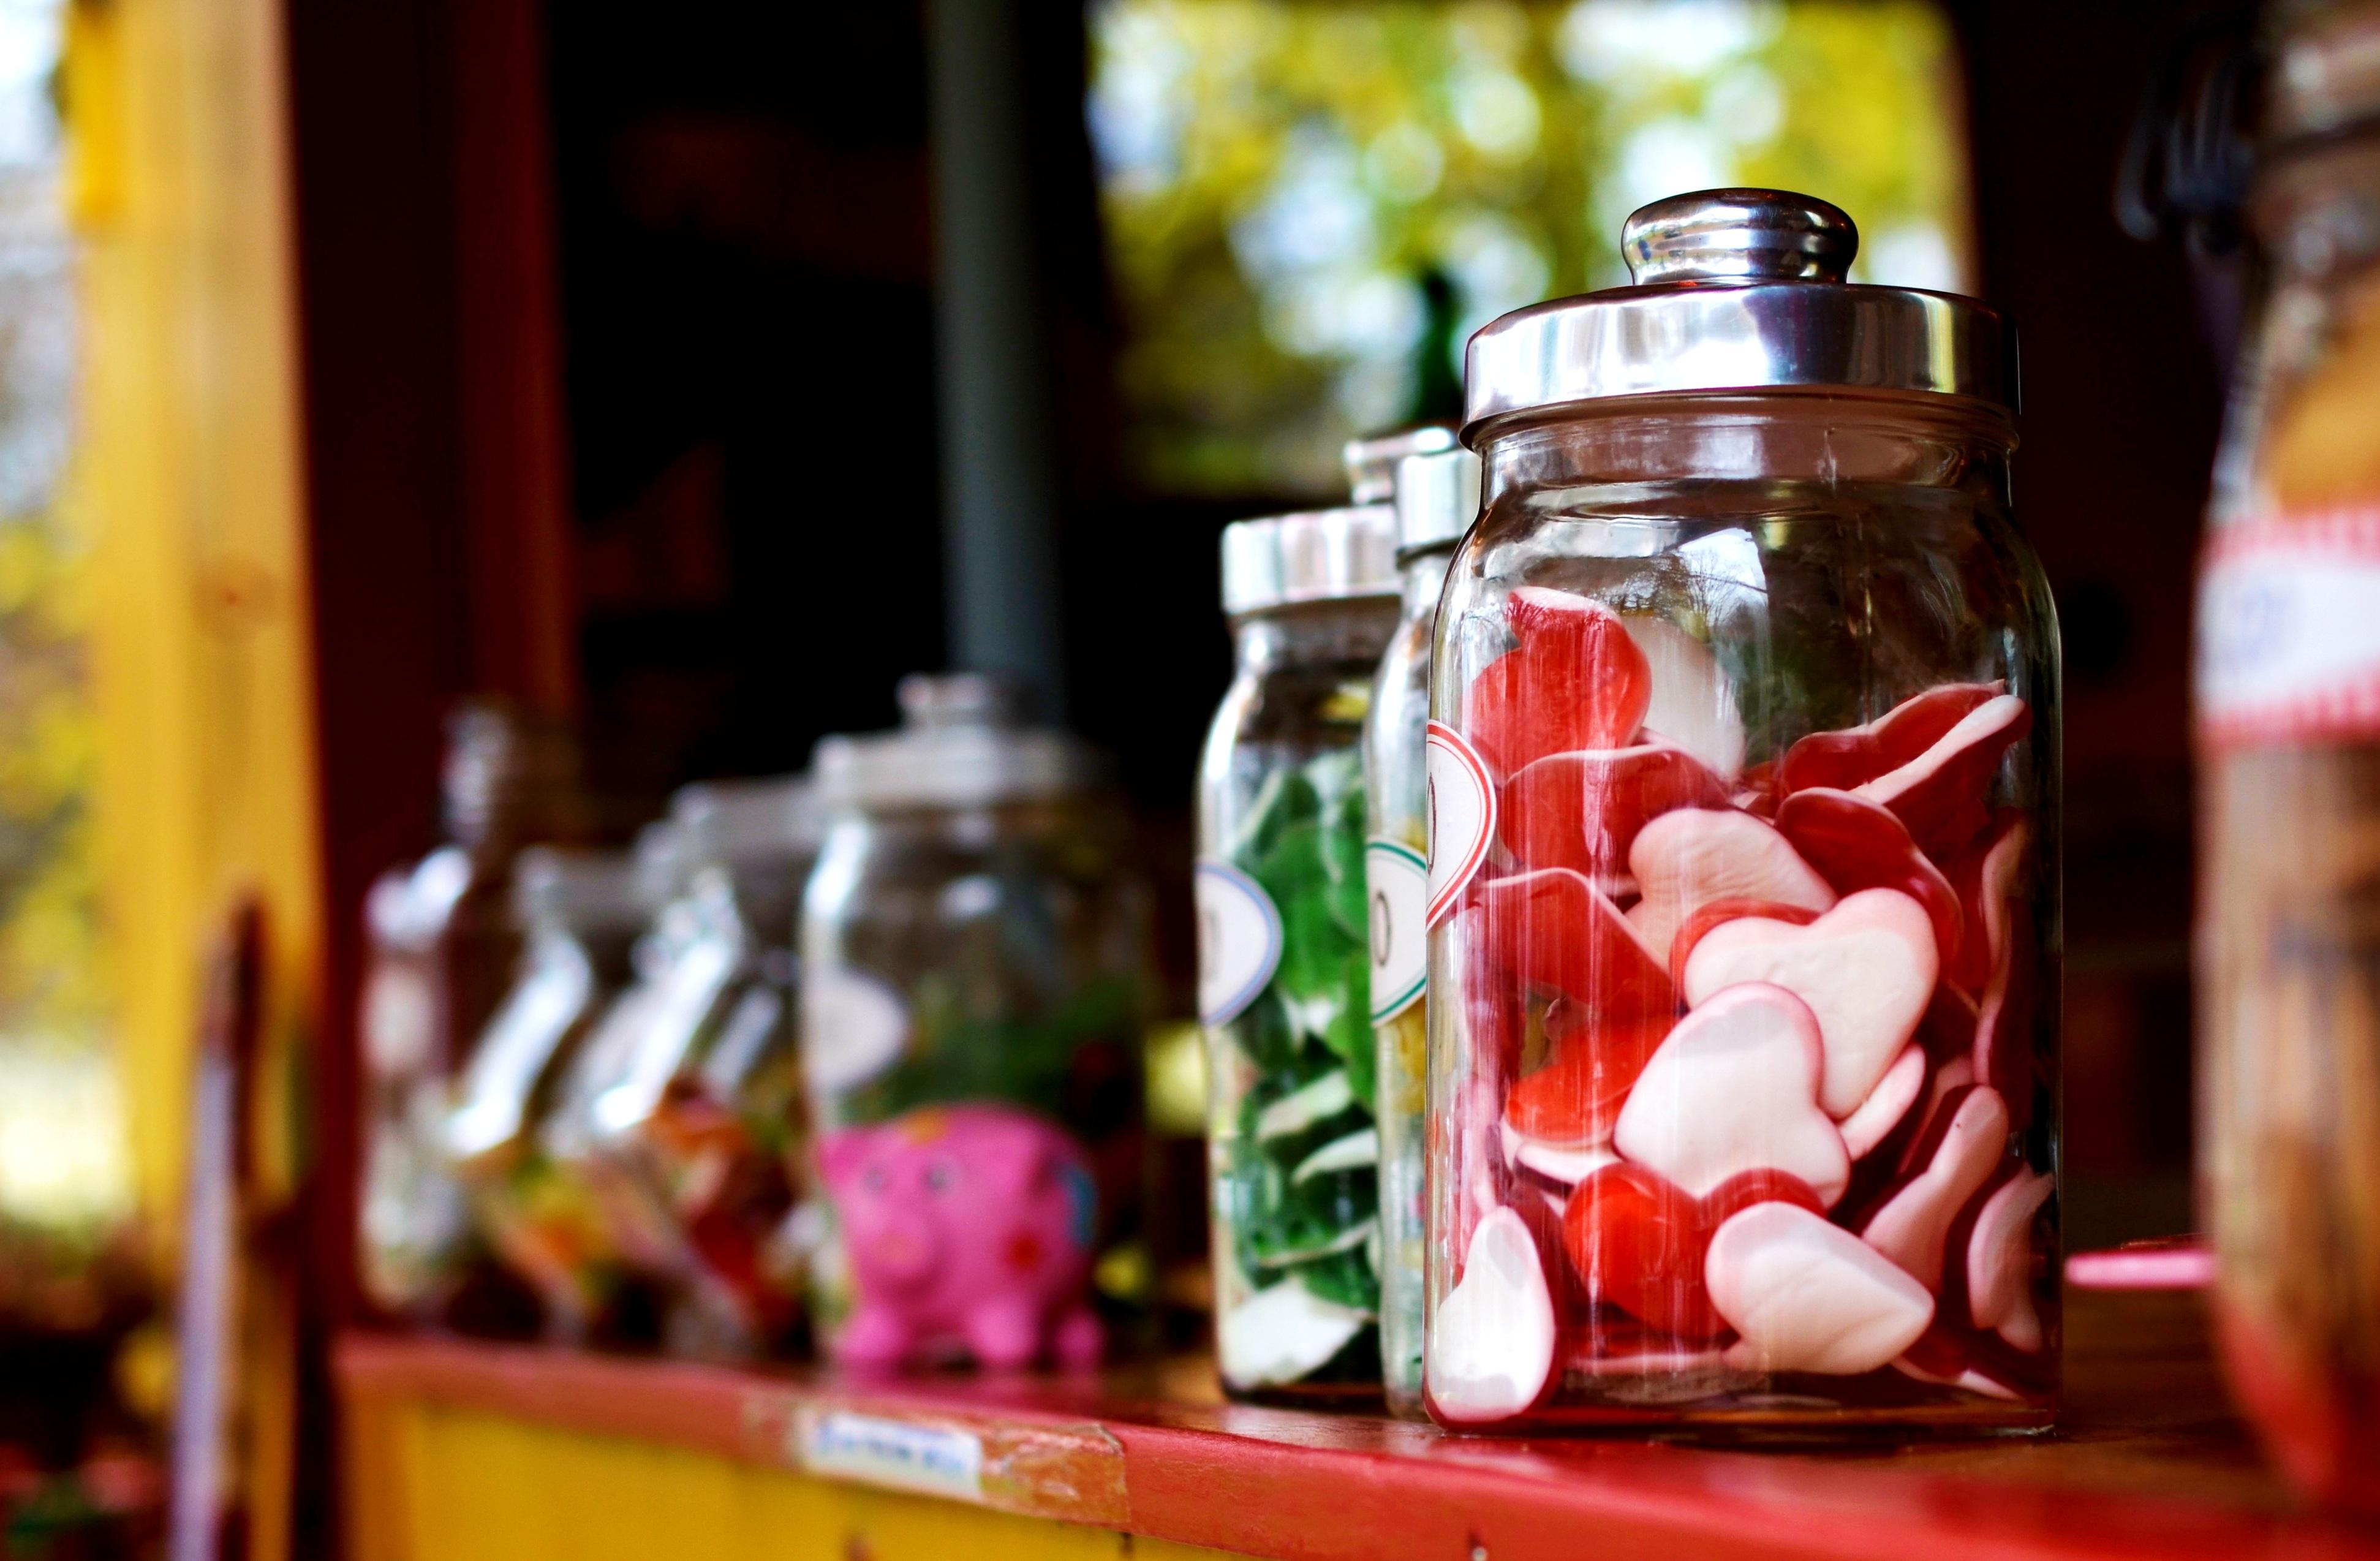 Images gratuites doux fleur restaurant c ur aliments rouge couleur boisson calories - Images coeur gratuites ...